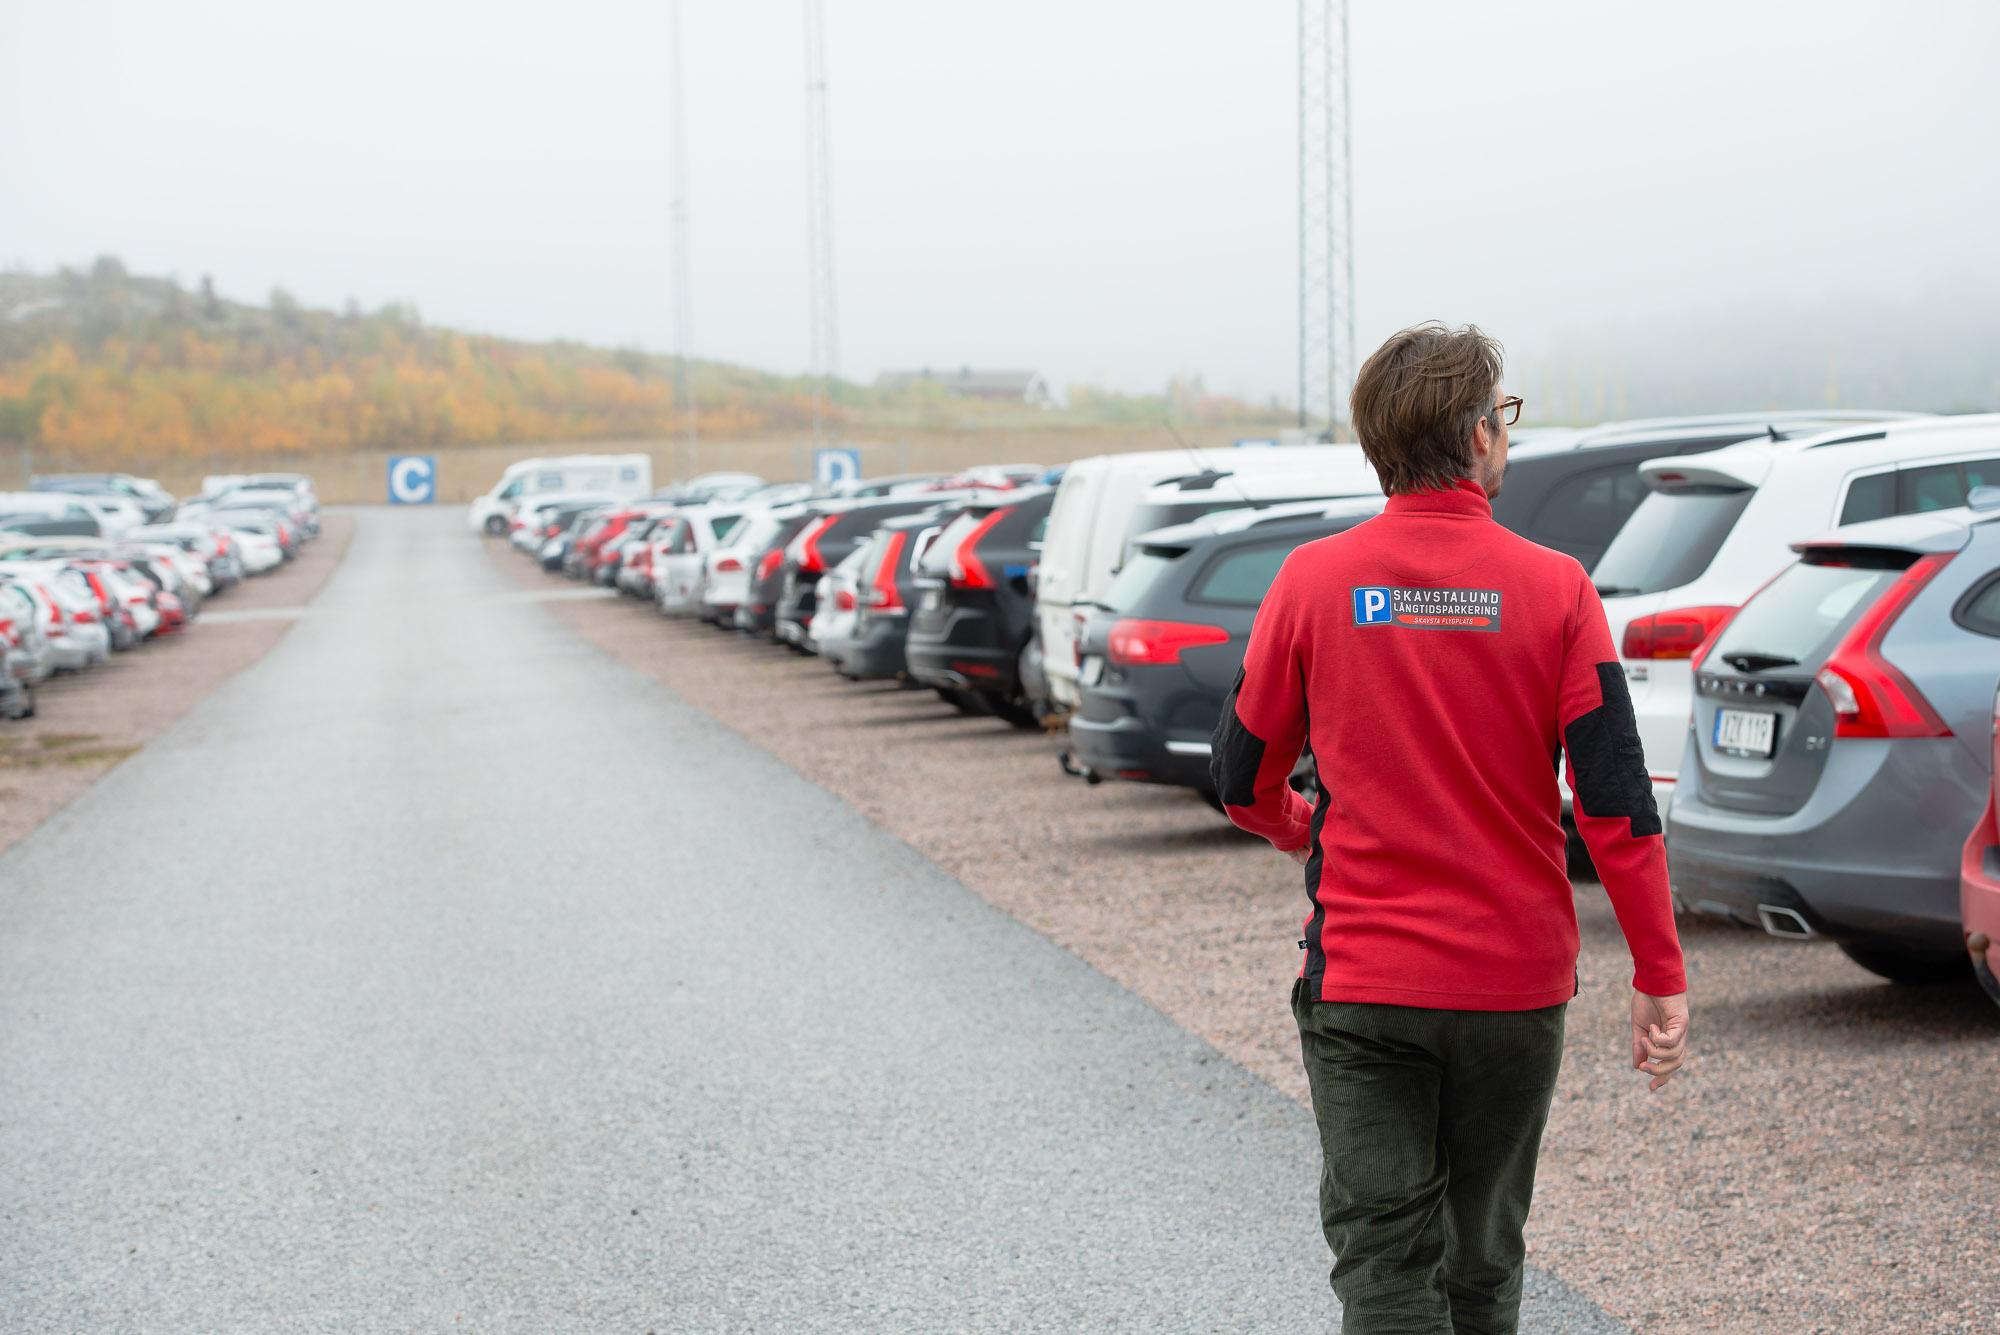 Skavstalund parkering, Skavta nyköping